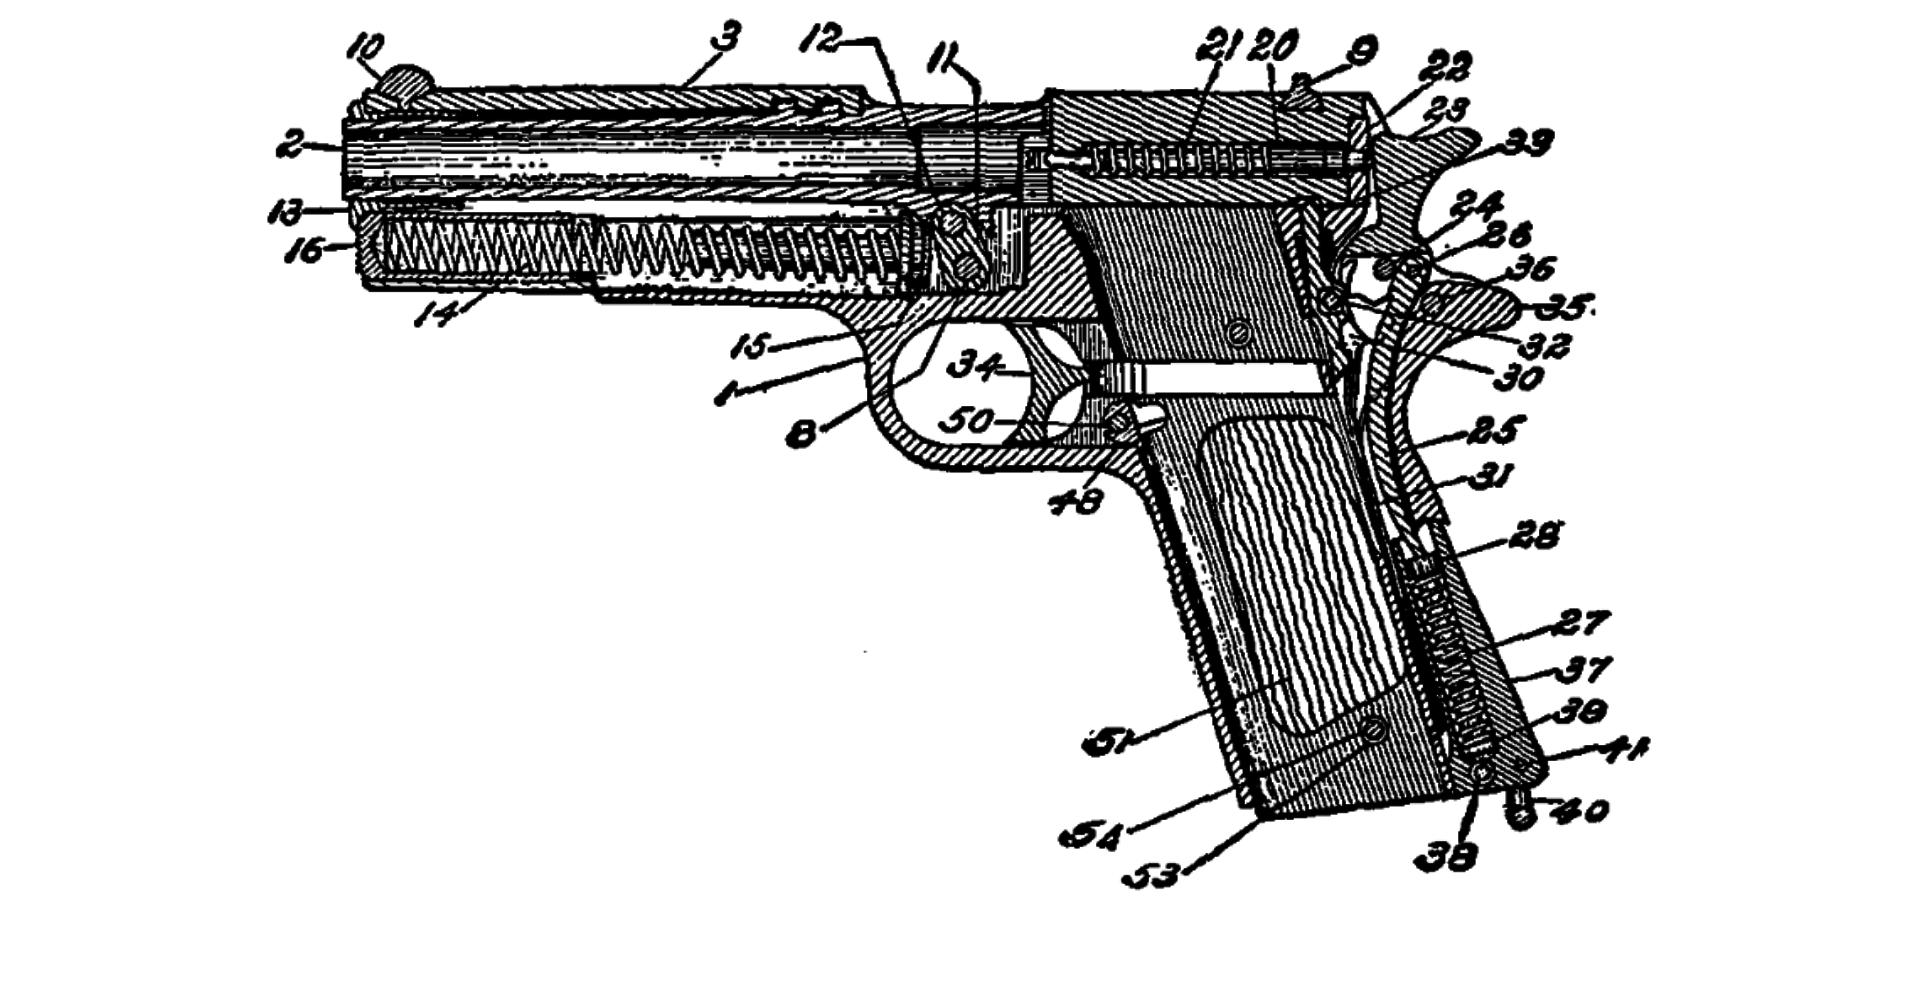 Five Low Tech Ways Manufacturers Can Make Guns Safer